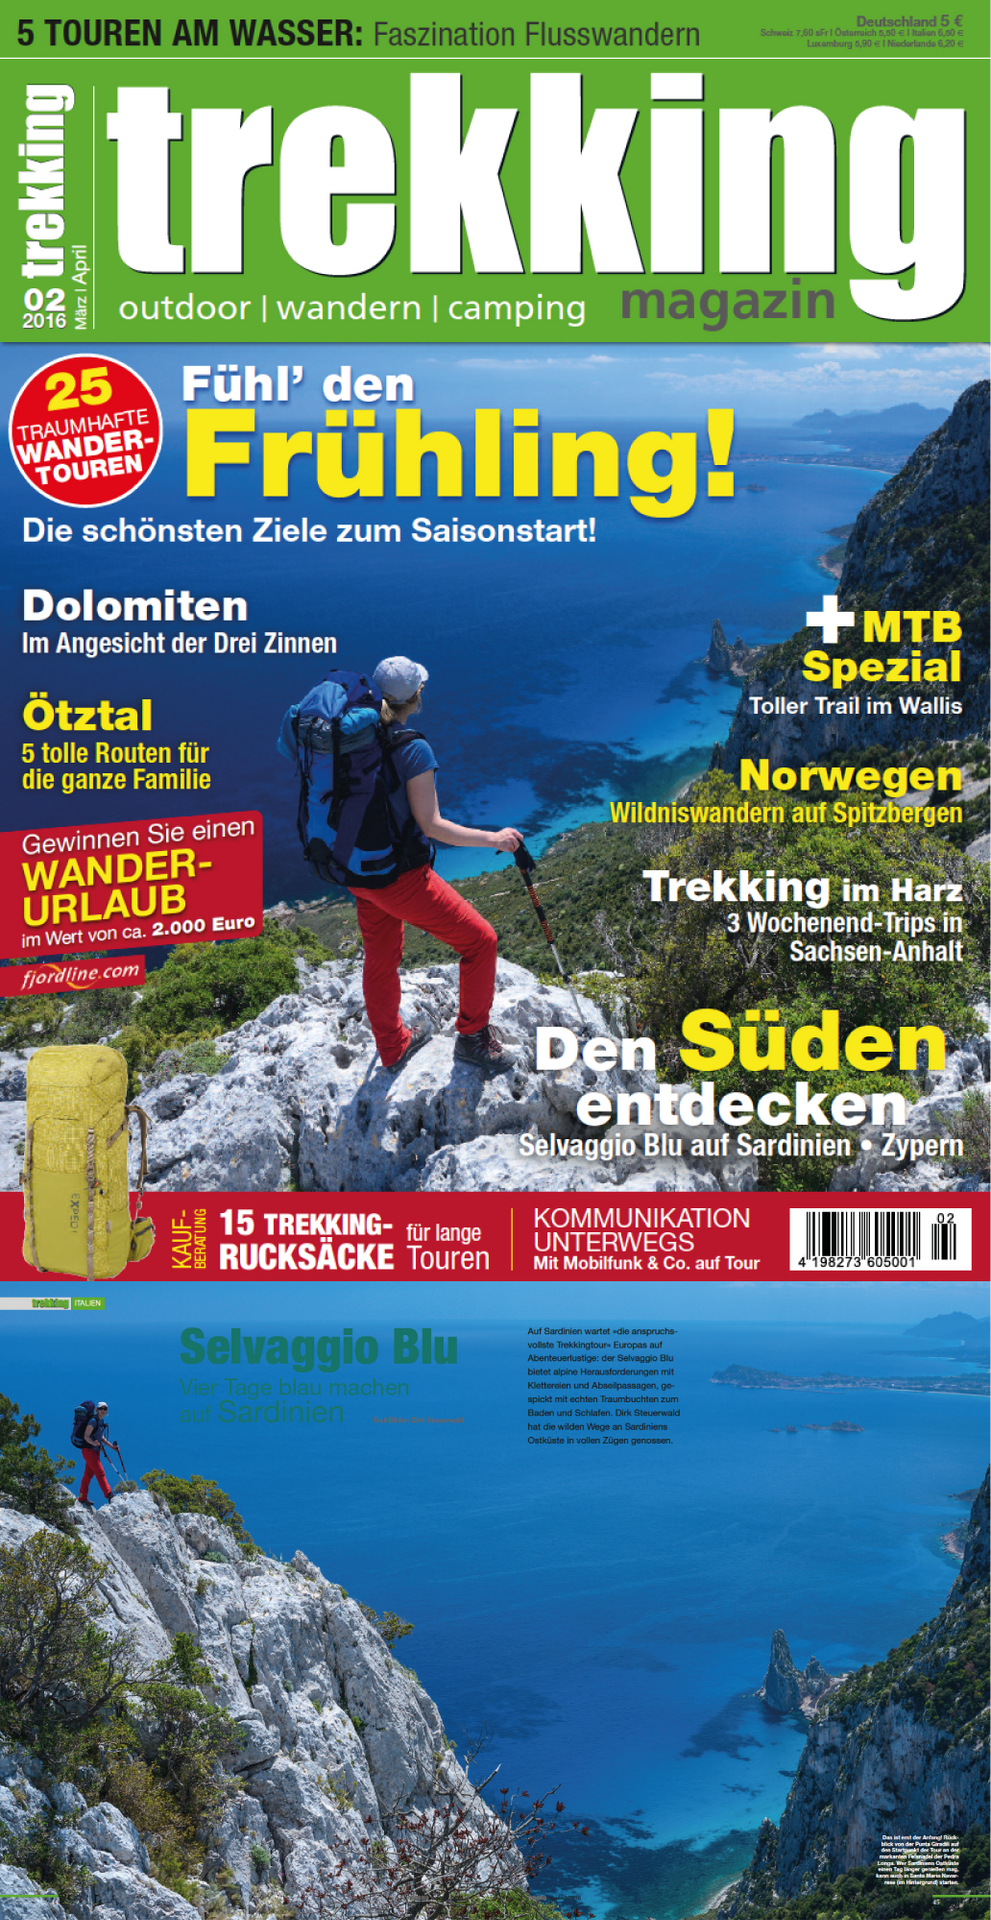 Trekkingmagazin-Titelgeschichte 'Vier Tage Blau machen', samt Titelbild (3/'16)